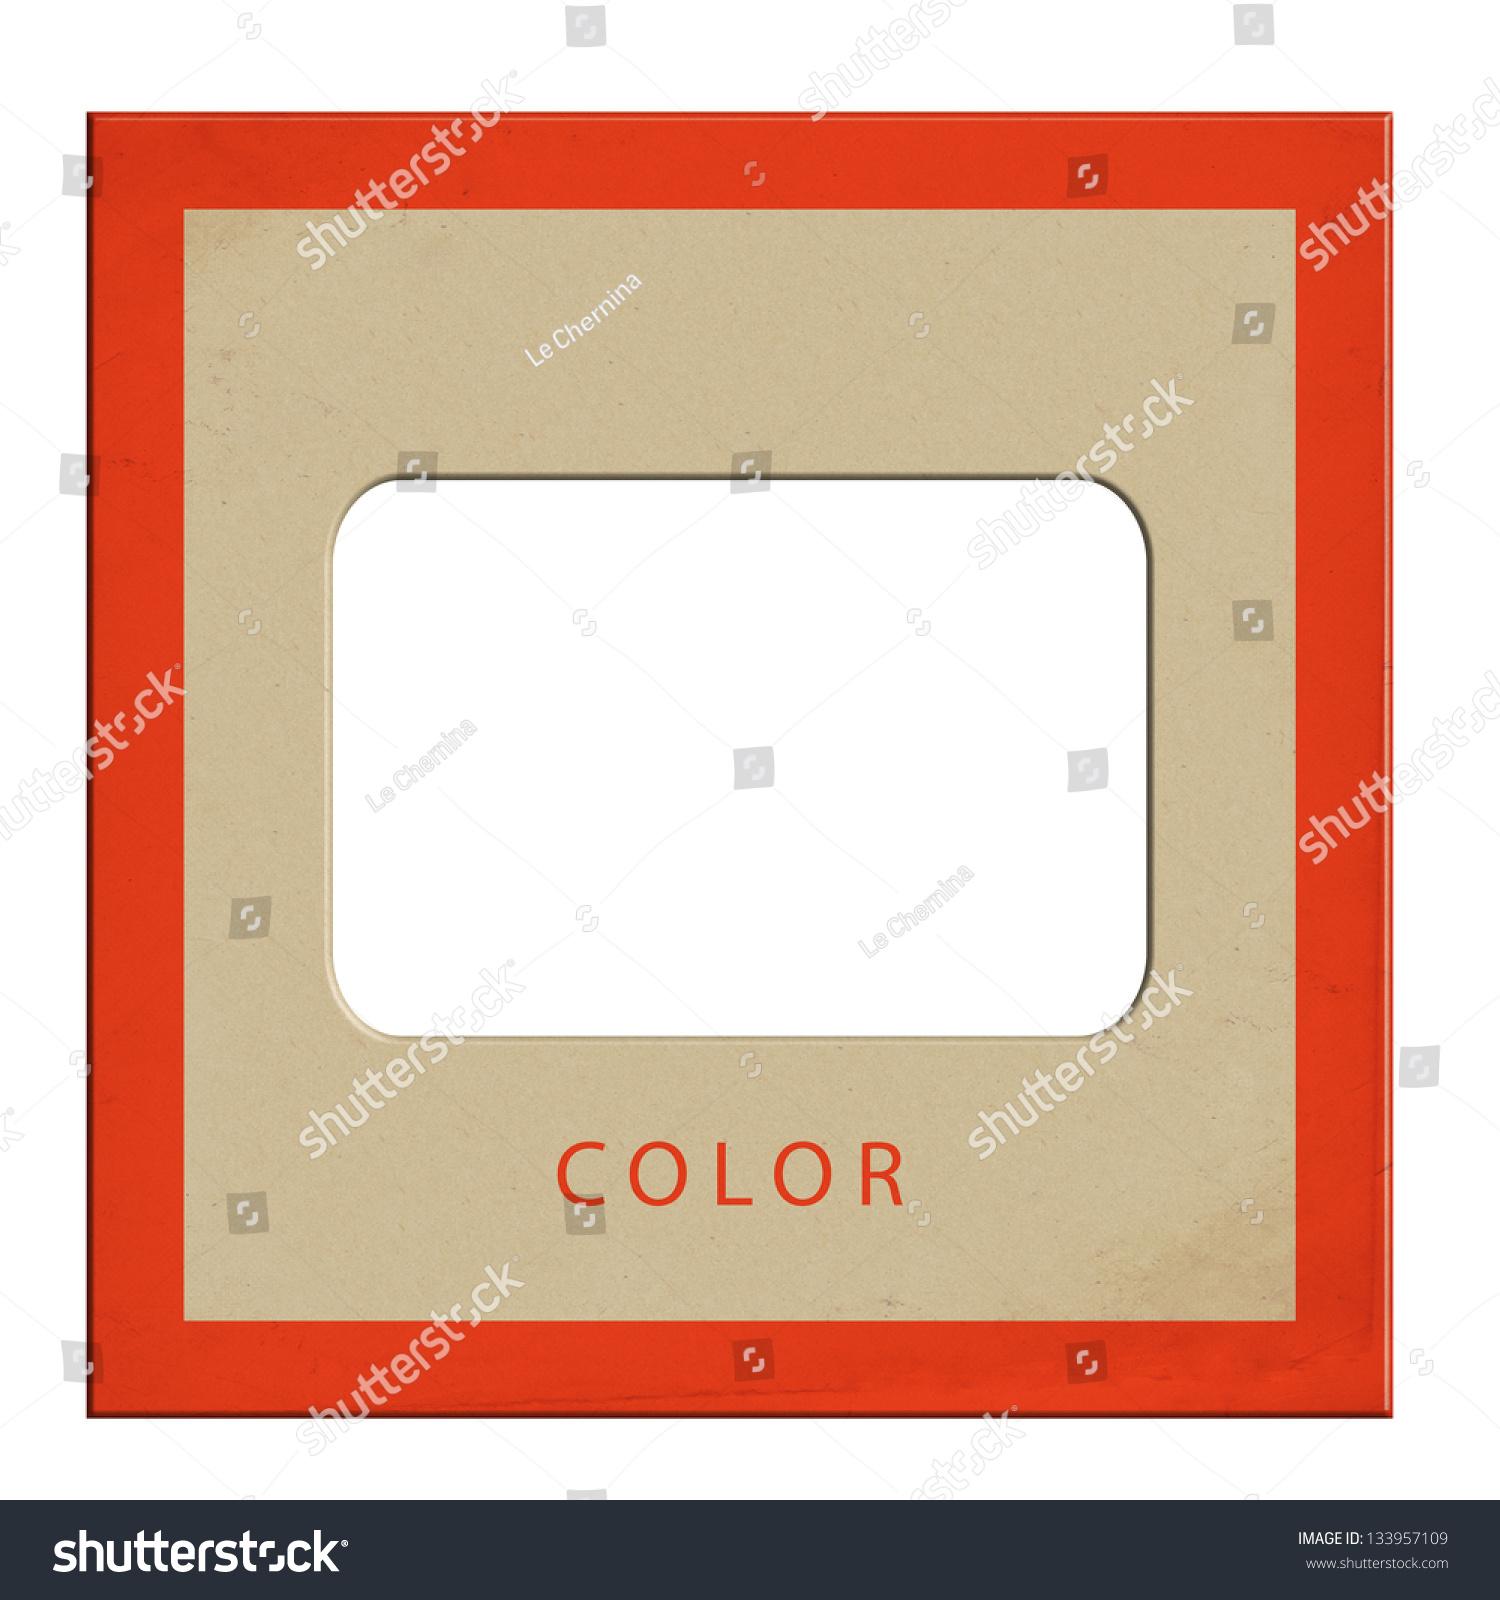 Slide Empty Old Frames Stock Illustration 133957109 - Shutterstock